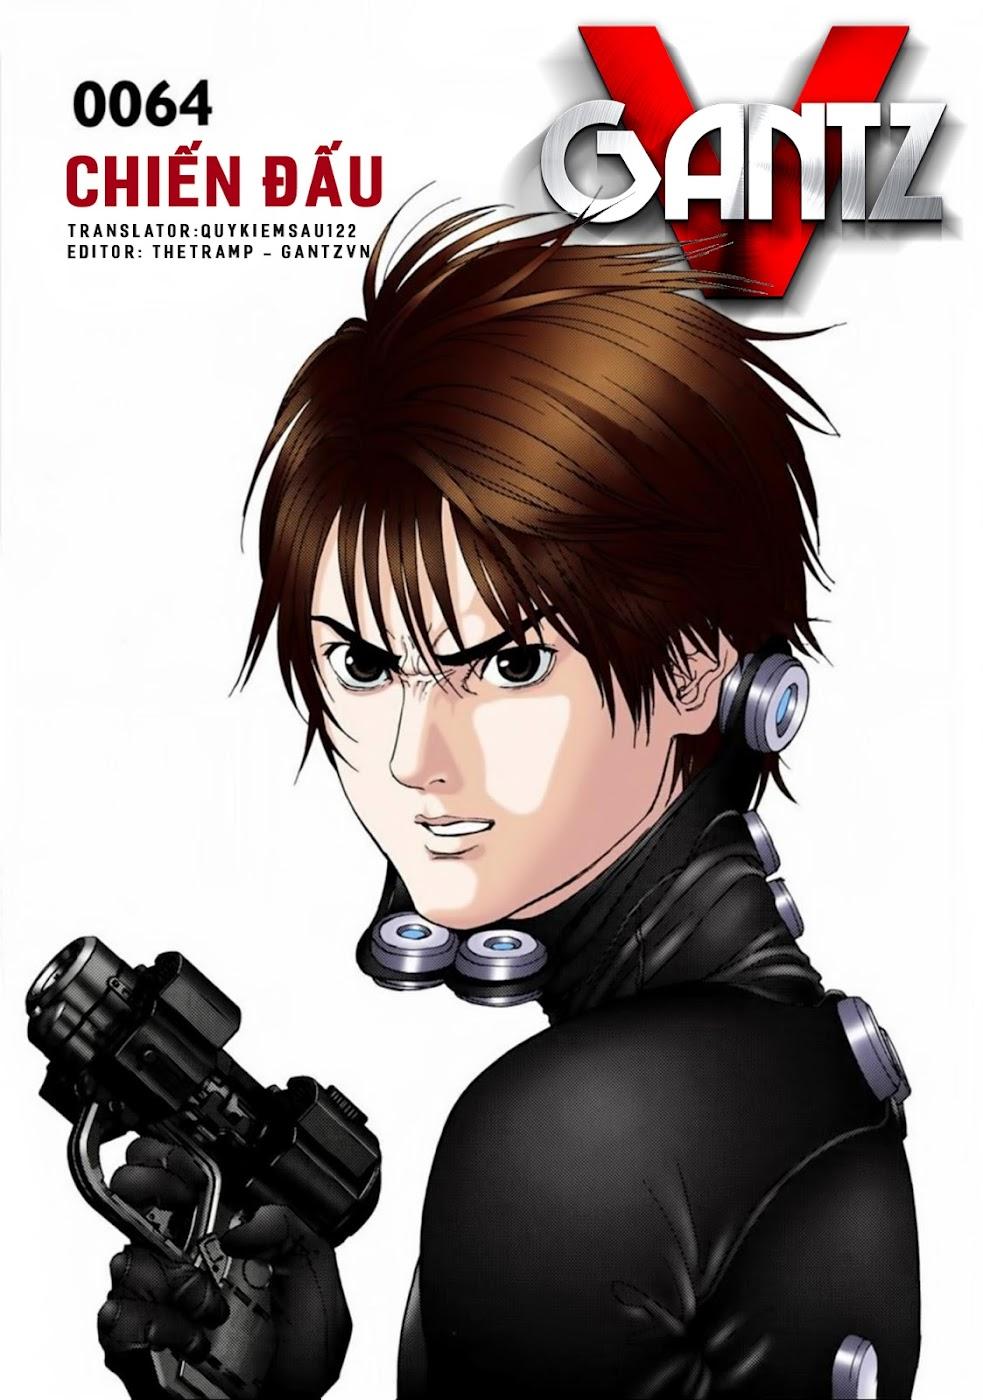 Gantz Chap 64: Chiến đấu trang 1